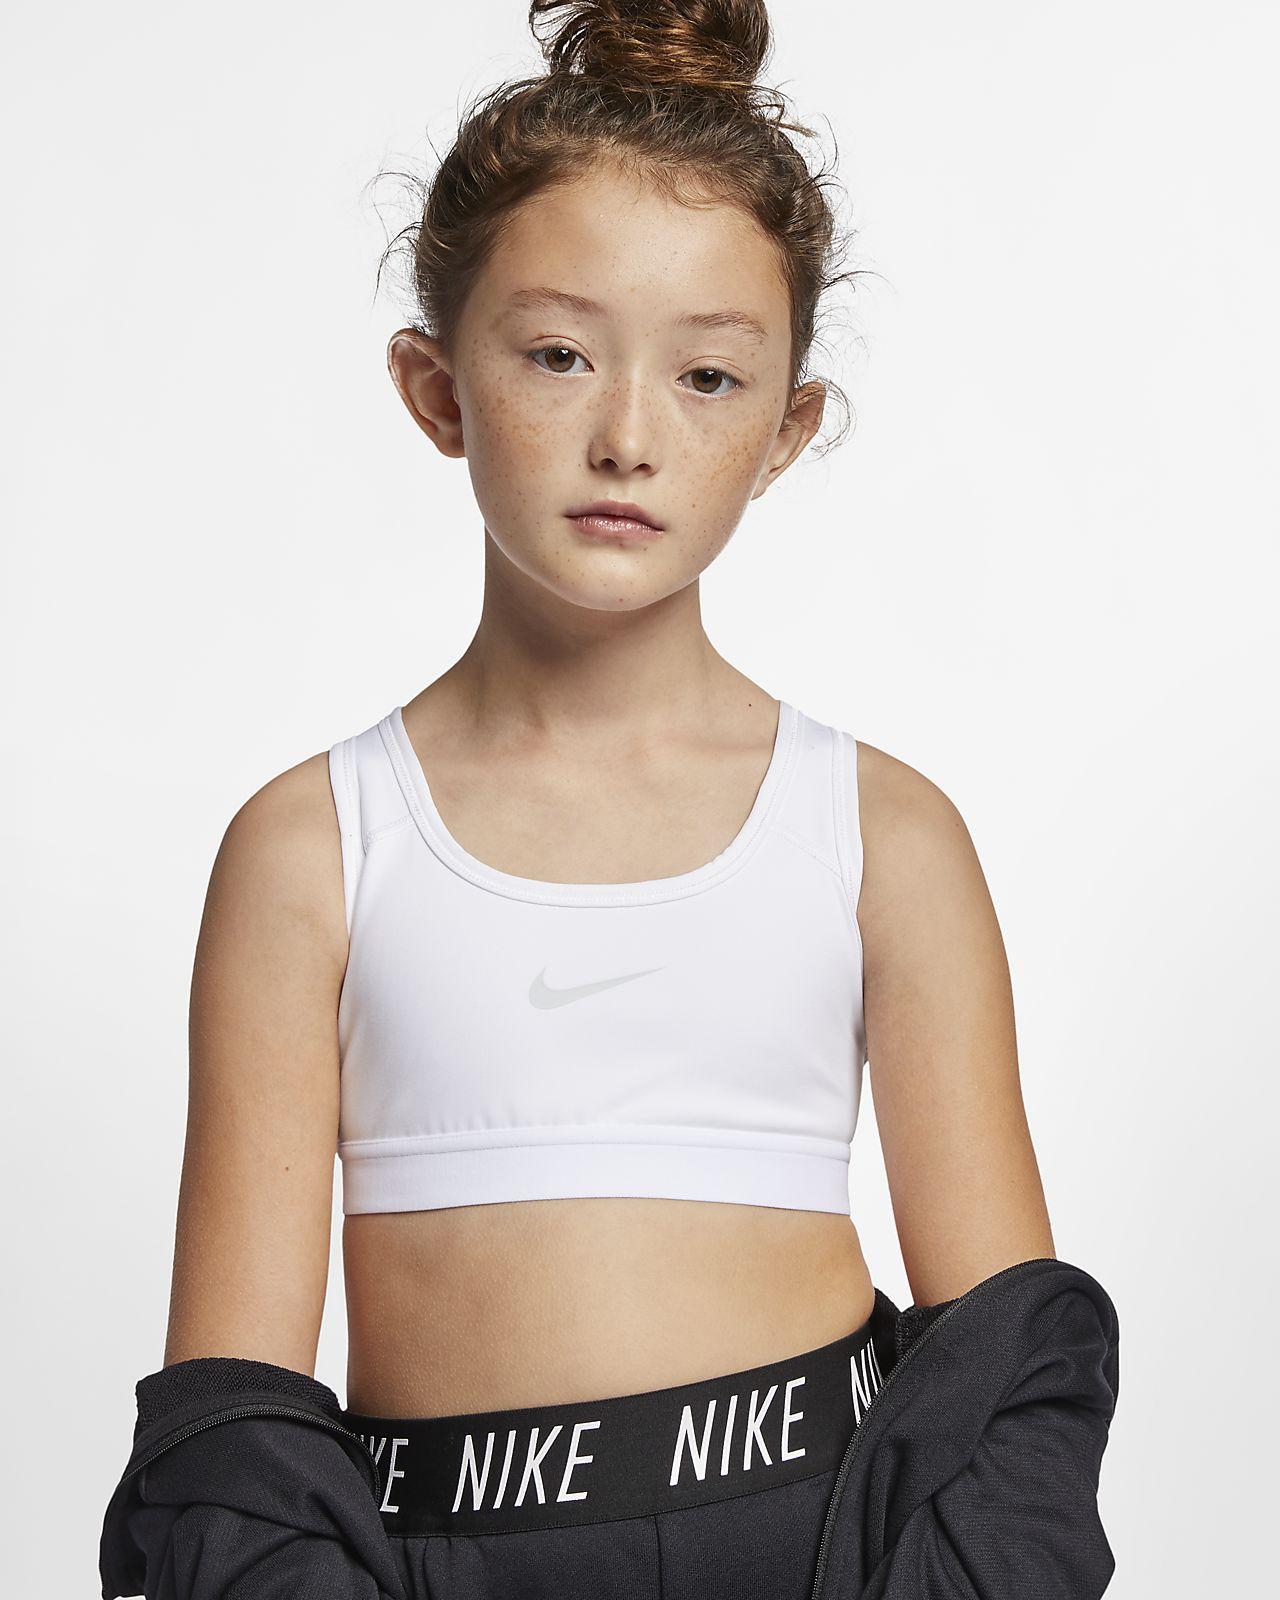 Nike Genç Çocuk (Kız) Spor Sütyeni